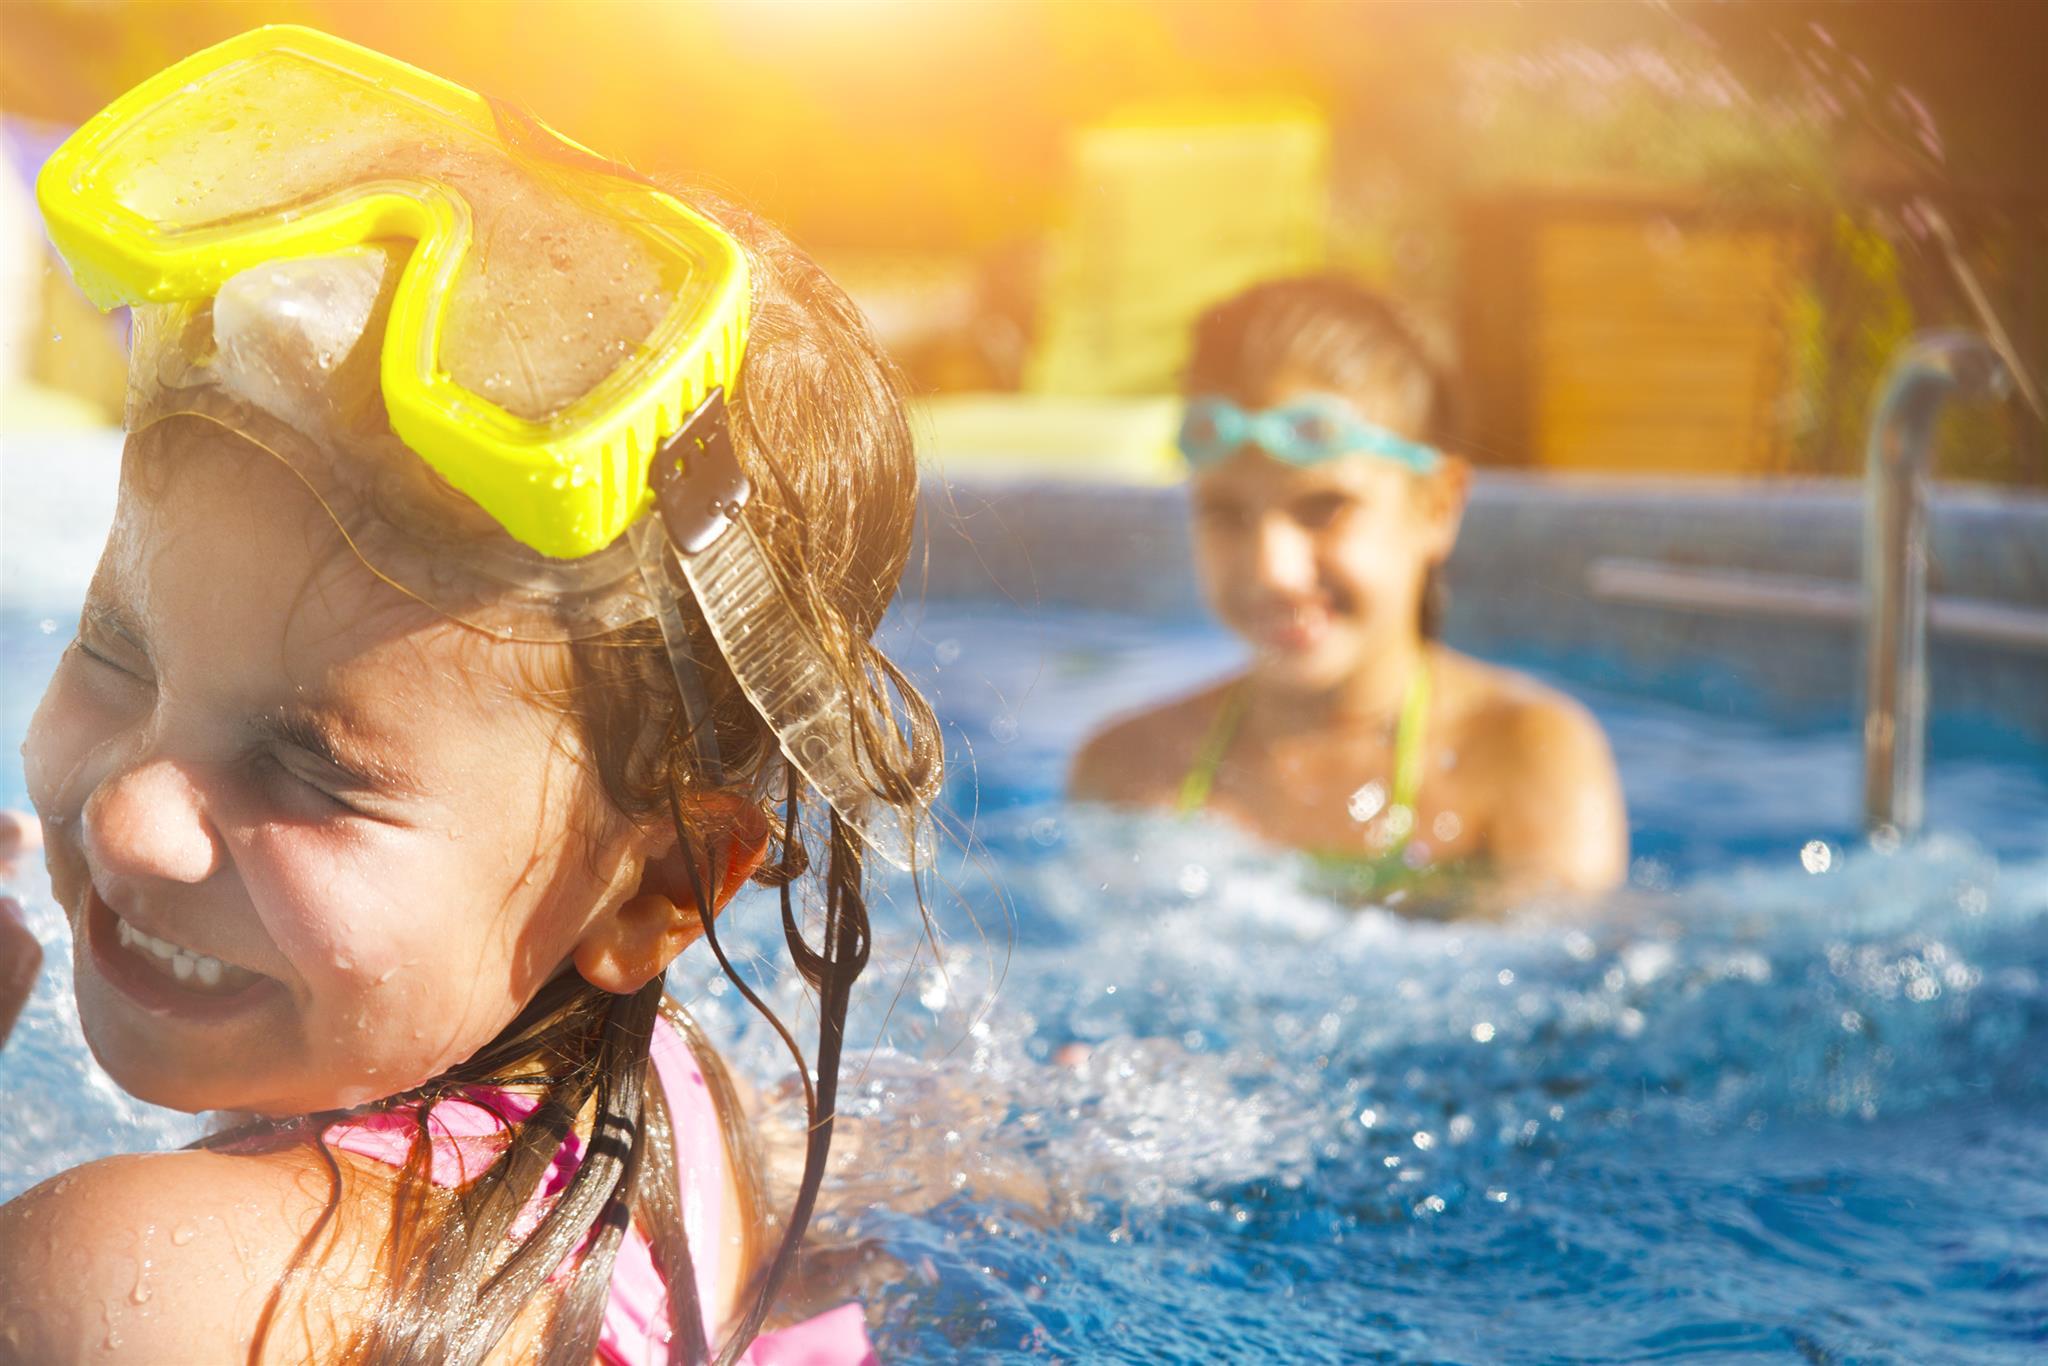 När överraskade du senast någon med fina spaprylar som ökar njutningen i vattnet - Biztrends